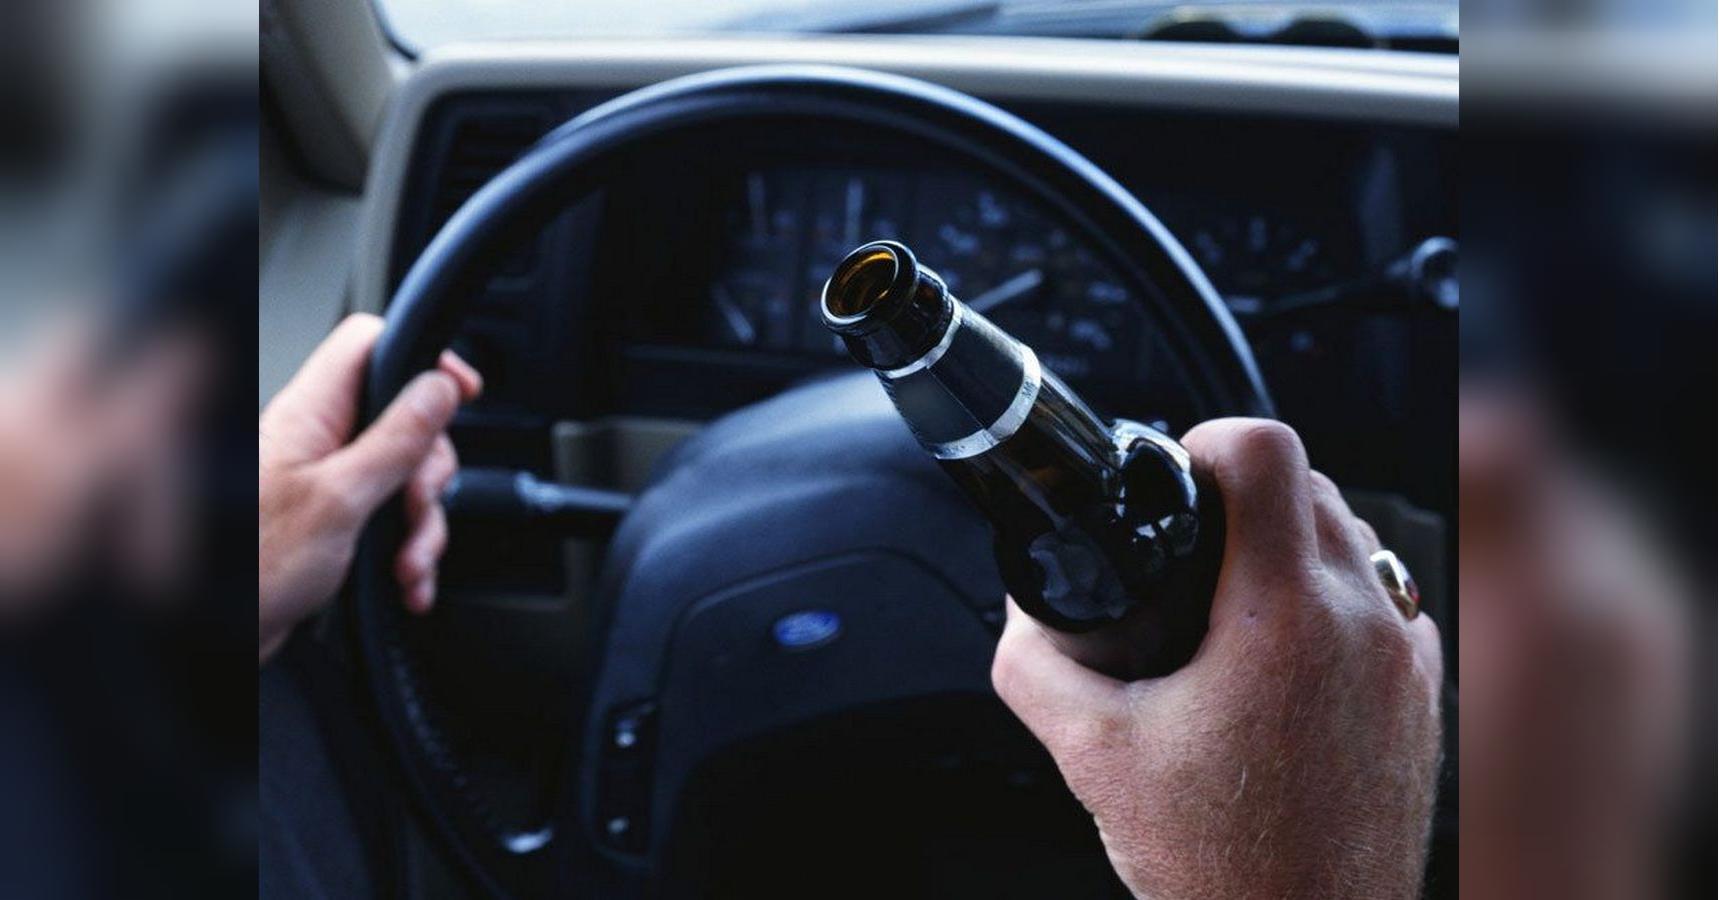 За пьяное вождение оштрафуют на 17-34 тыс. грн в 2020 году ...